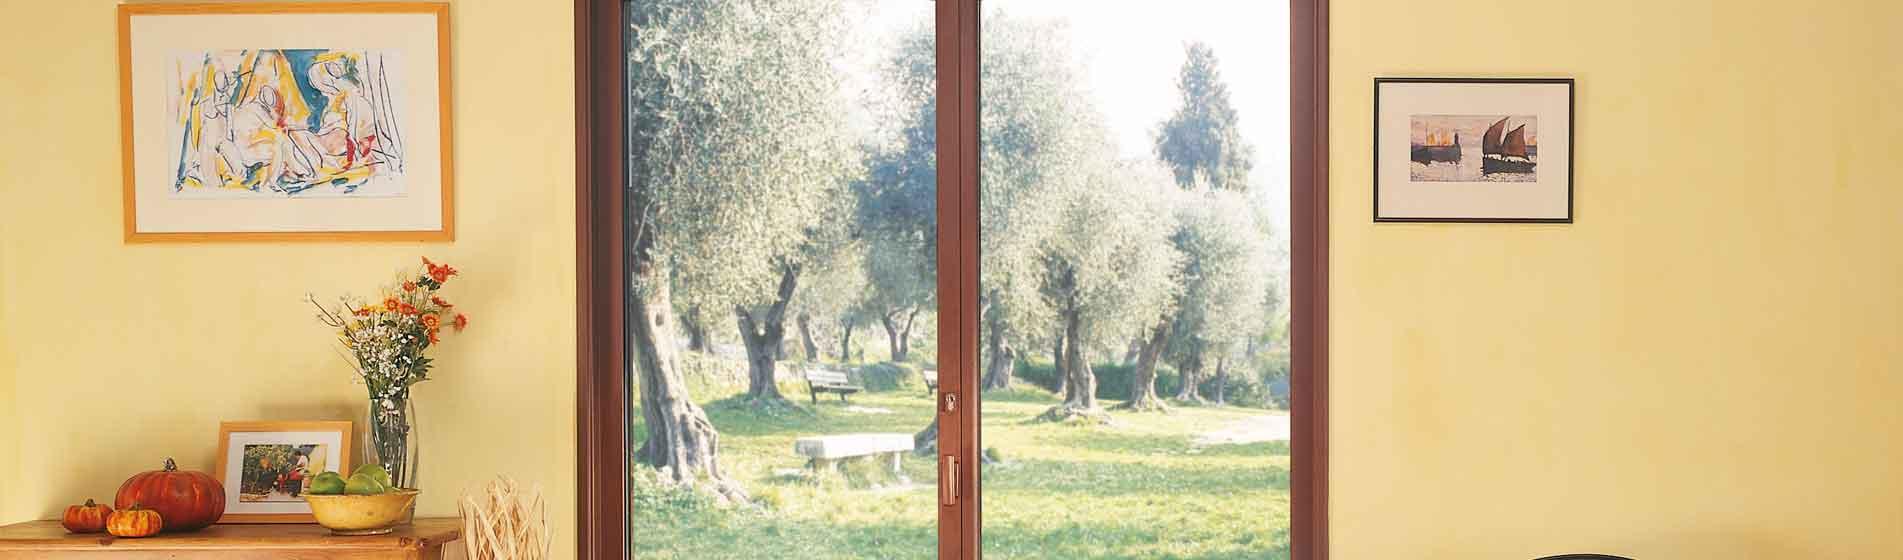 rénovation porte fenêtre sur-mesure 13 Bouches-du-Rhône